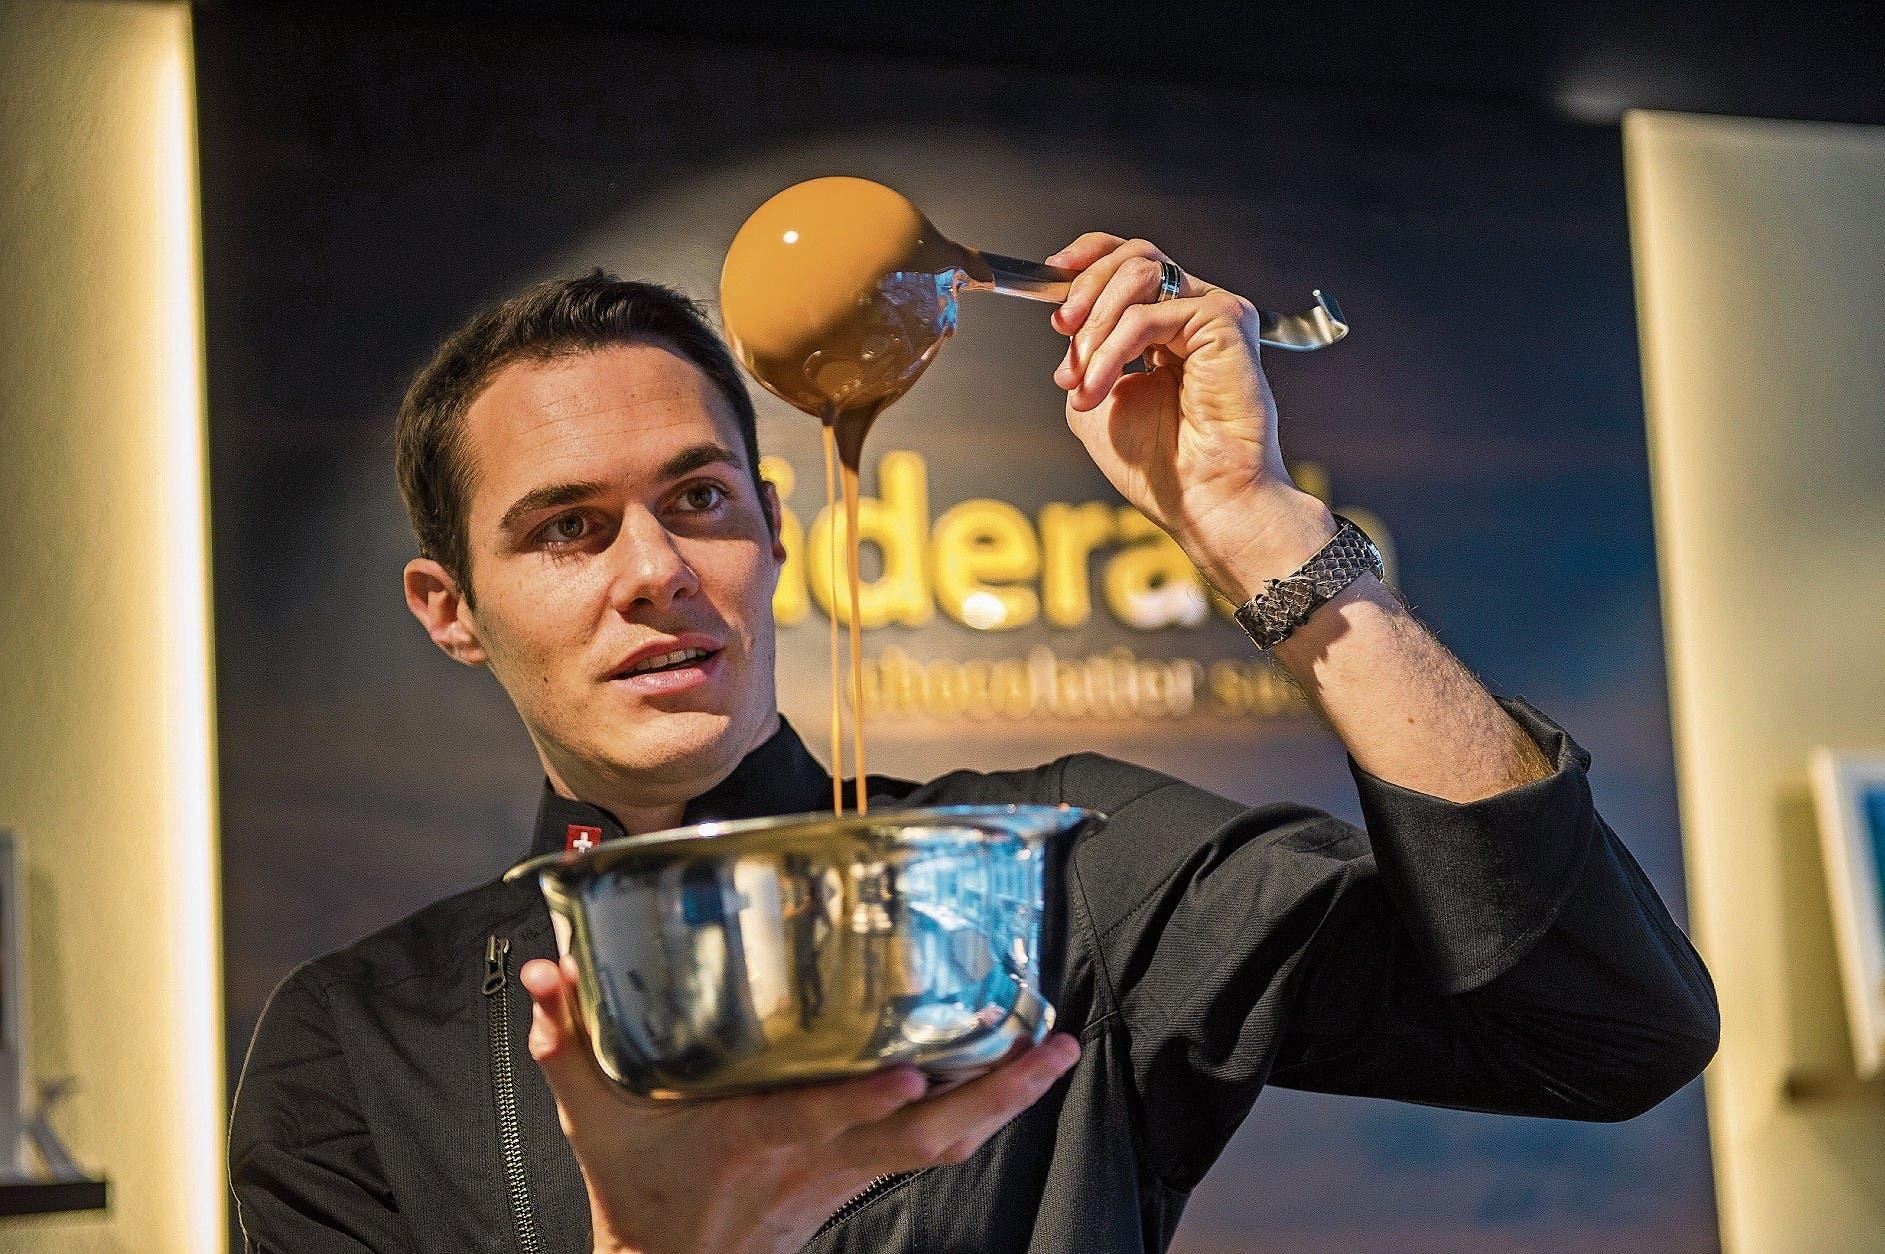 Ein Künstler in Sachen Schokolade: Elias Läderach.